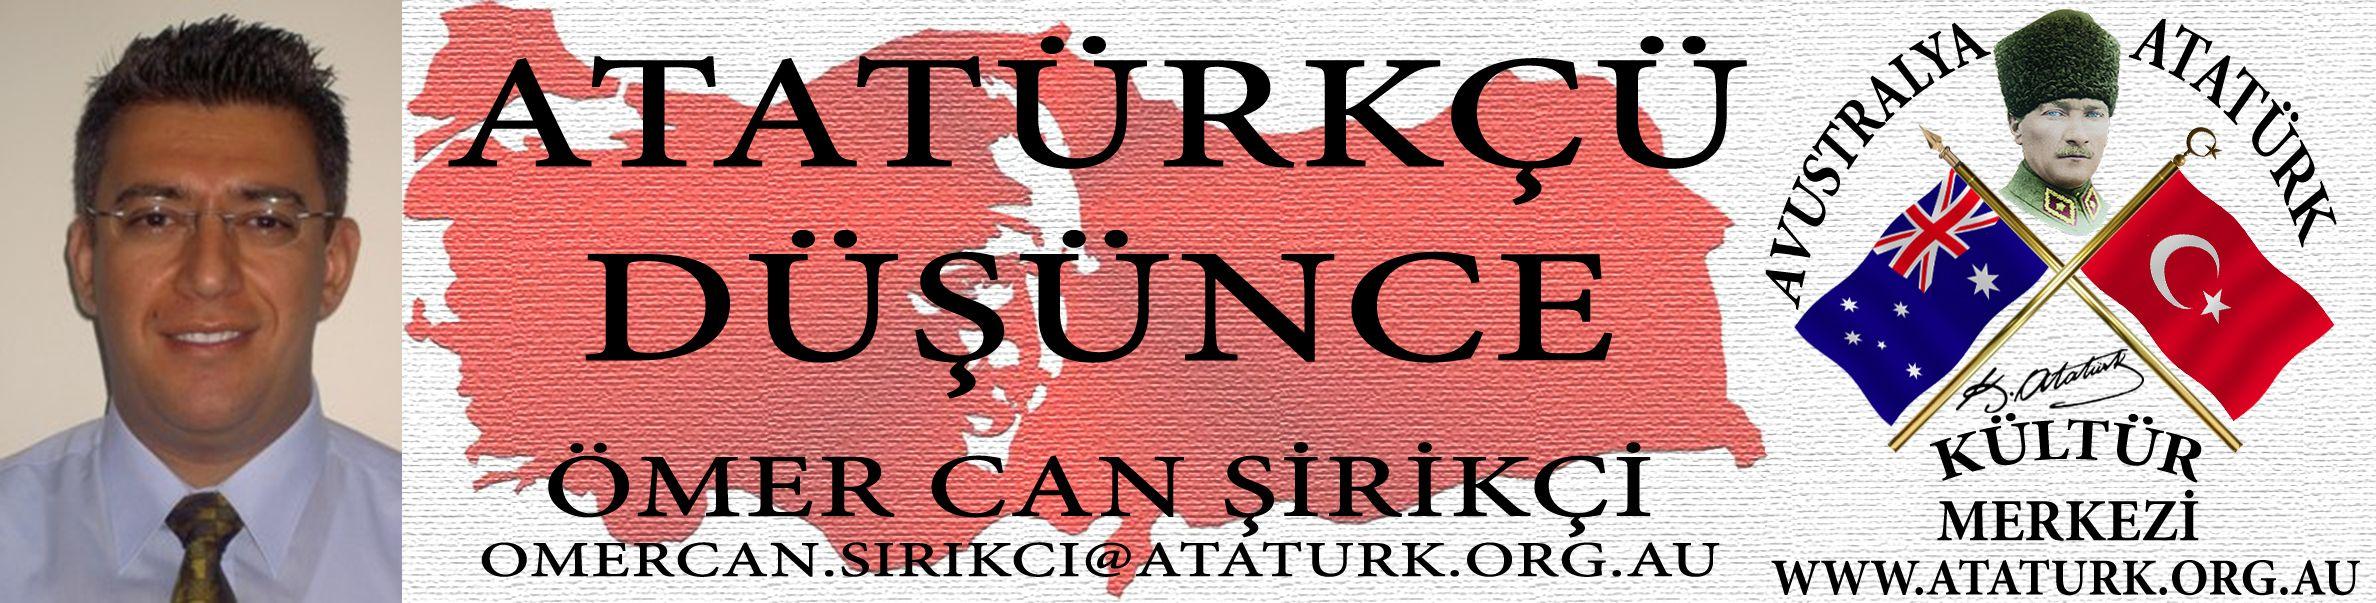 AAKM Makale - Hurriyet - OmerCan Banner 2013.v3